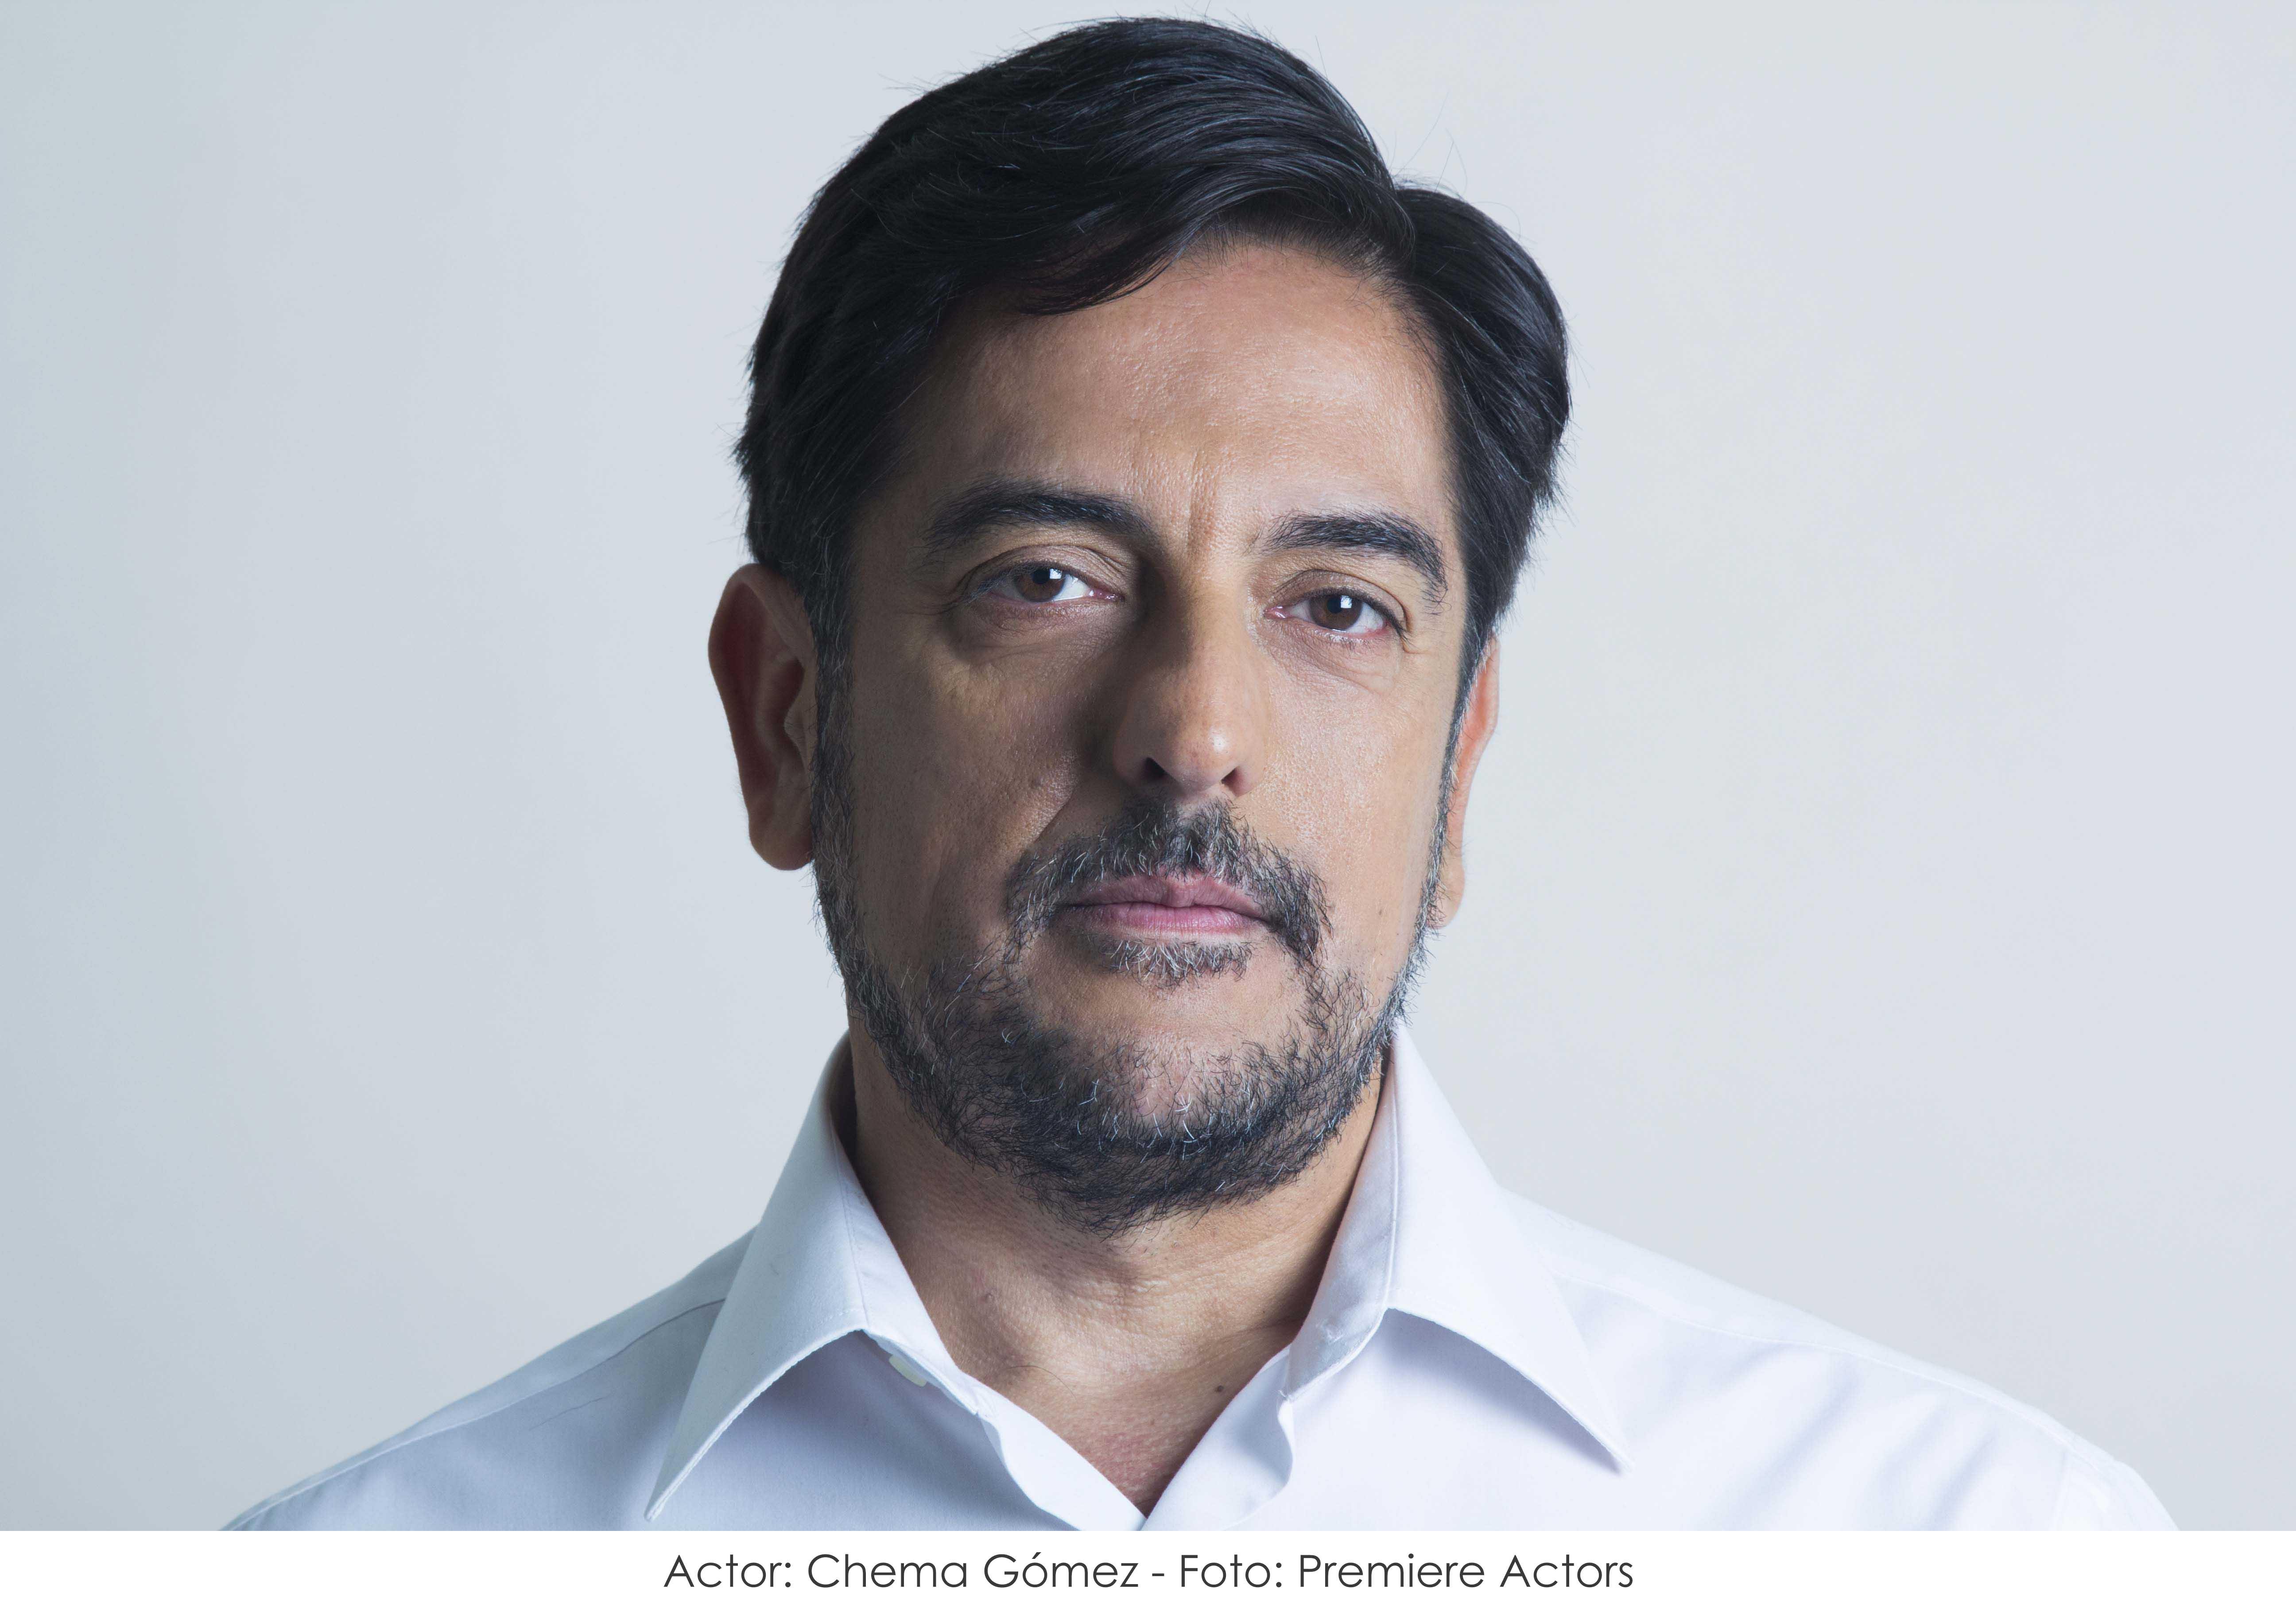 Actor: Chema Gómez - Fotografía: Premiere Actors